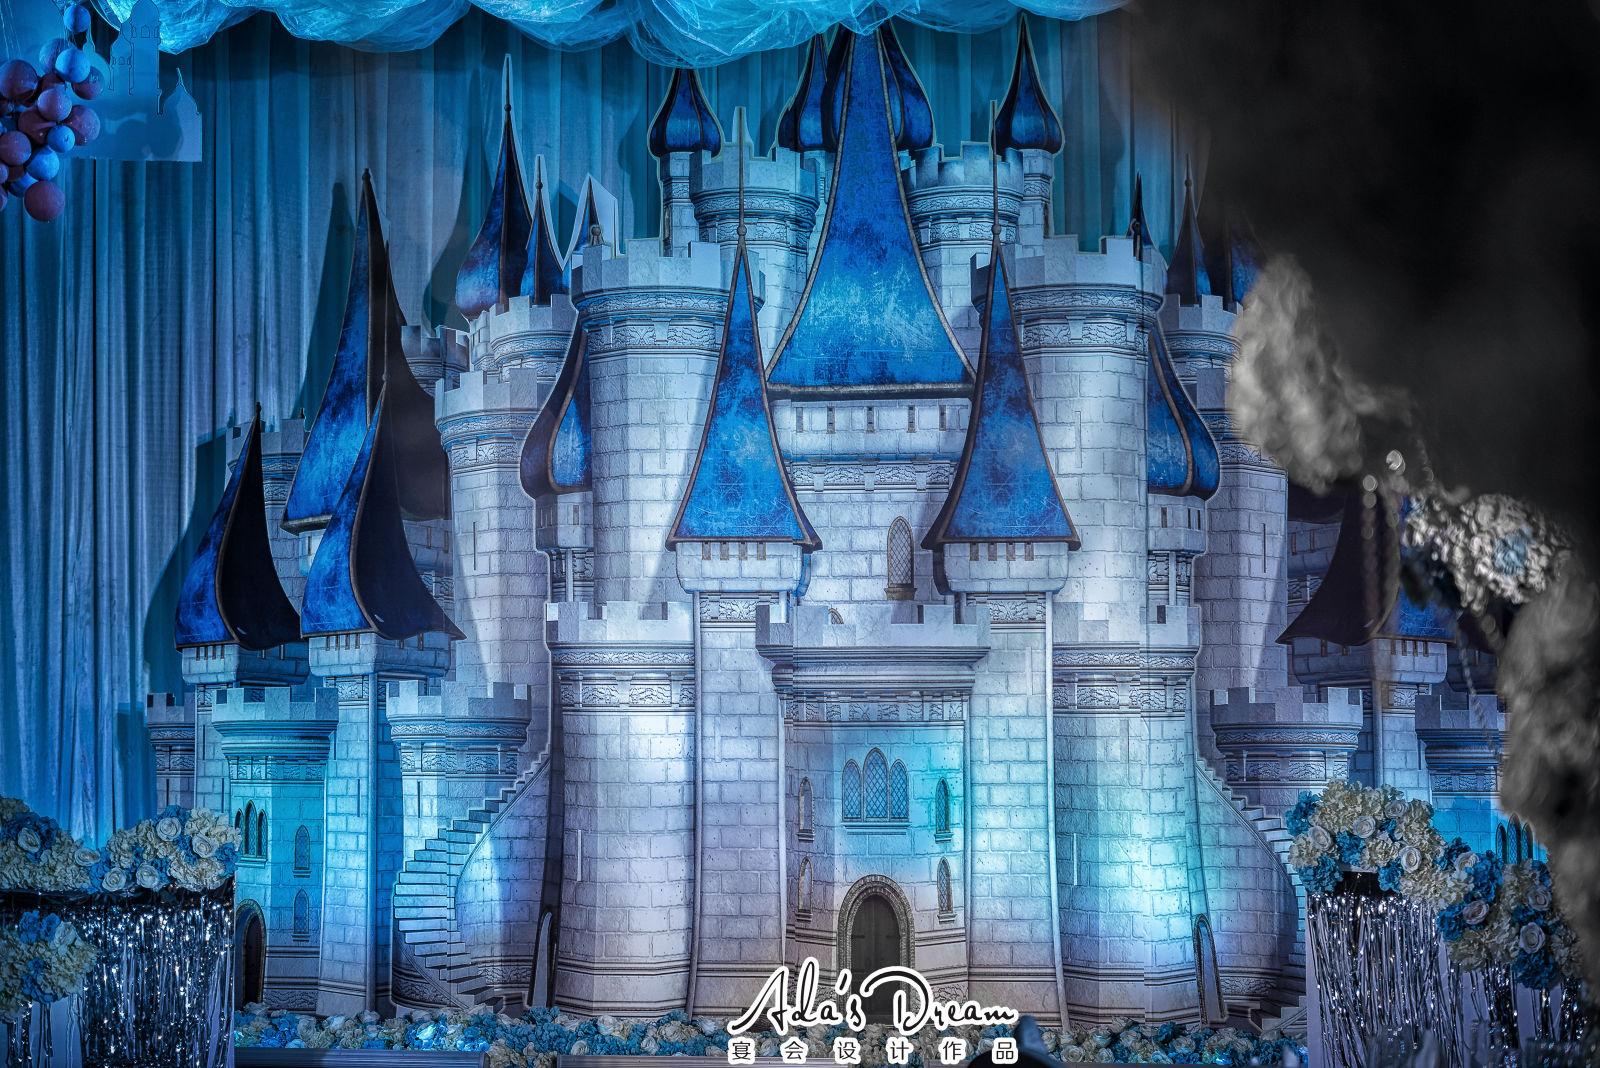 蓝色城堡-喜欢看见窗外飘来一朵蓝色的雪花 在梦里描绘关于爱情关于幸福的神话 听着天使的语言 仿佛走进了蓝色城堡 为梦里的事算个卦 永远相信他一定一定会飞来 就像那深蓝雪花 一辈子追随 天马行空的想象 浪漫又忧伤 的等待生命里的地久天长